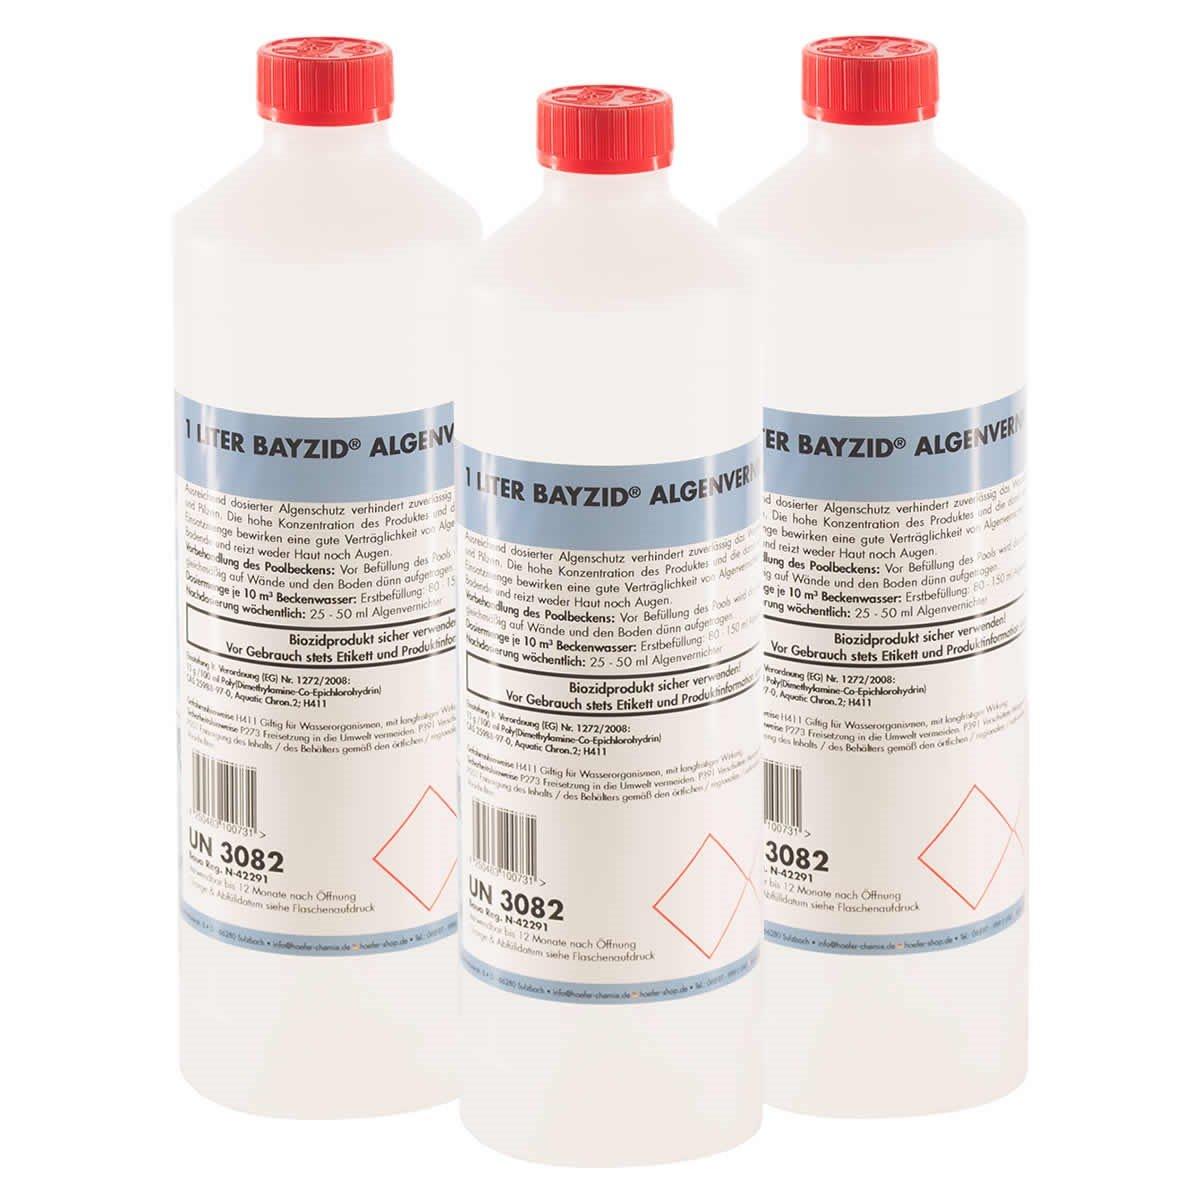 Höfer Chemie 6x1 L Pool Algenvernichter - Anti Algenmittel für Schwimmbad & Pool - schnelle Wirkung bei Algen Höfer Chemie GmbH